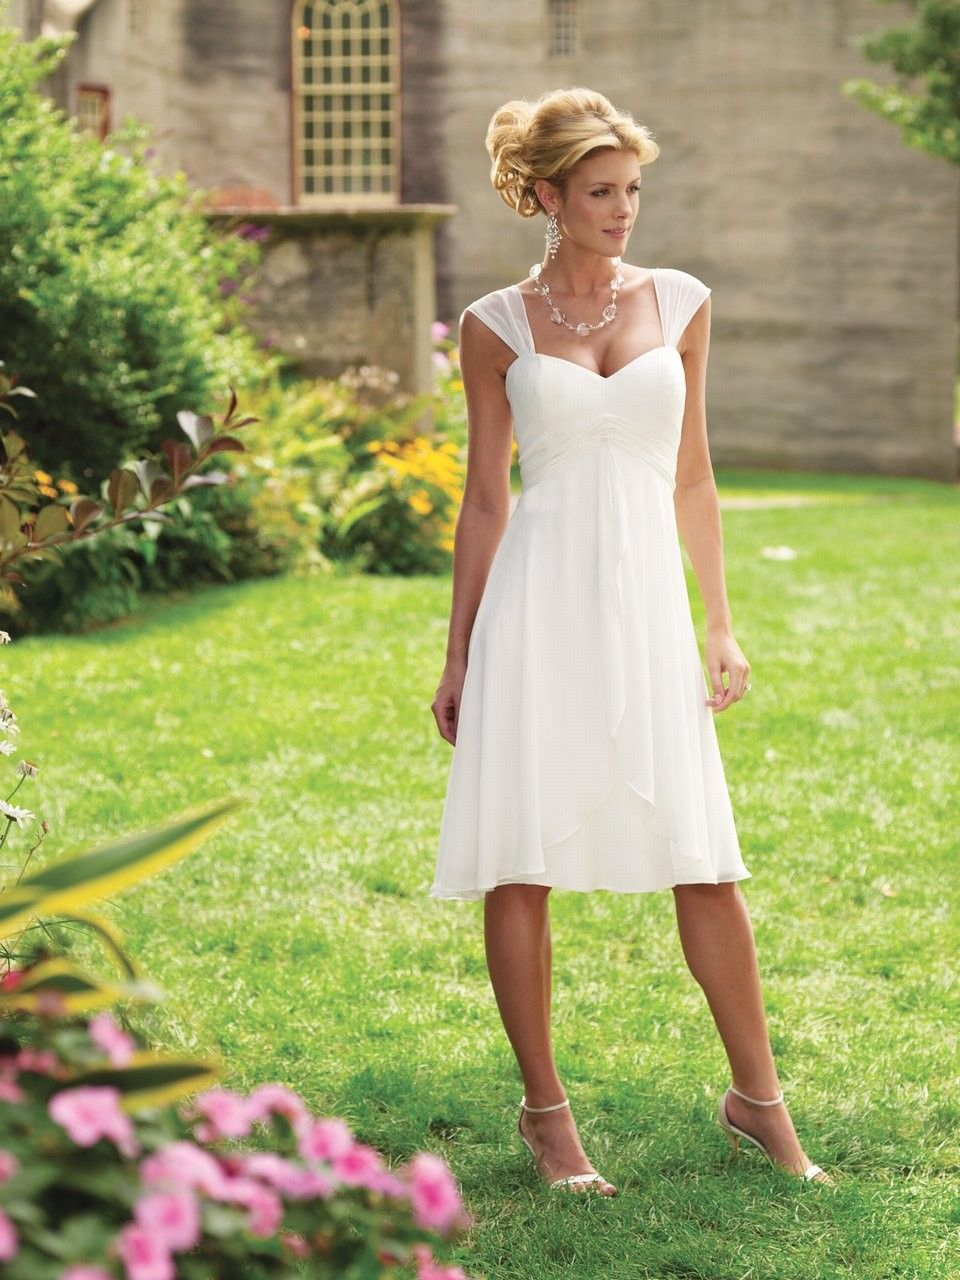 White short wedding dresses  Short Wedding Dresses   Sweetheart Kneelength Ruching White